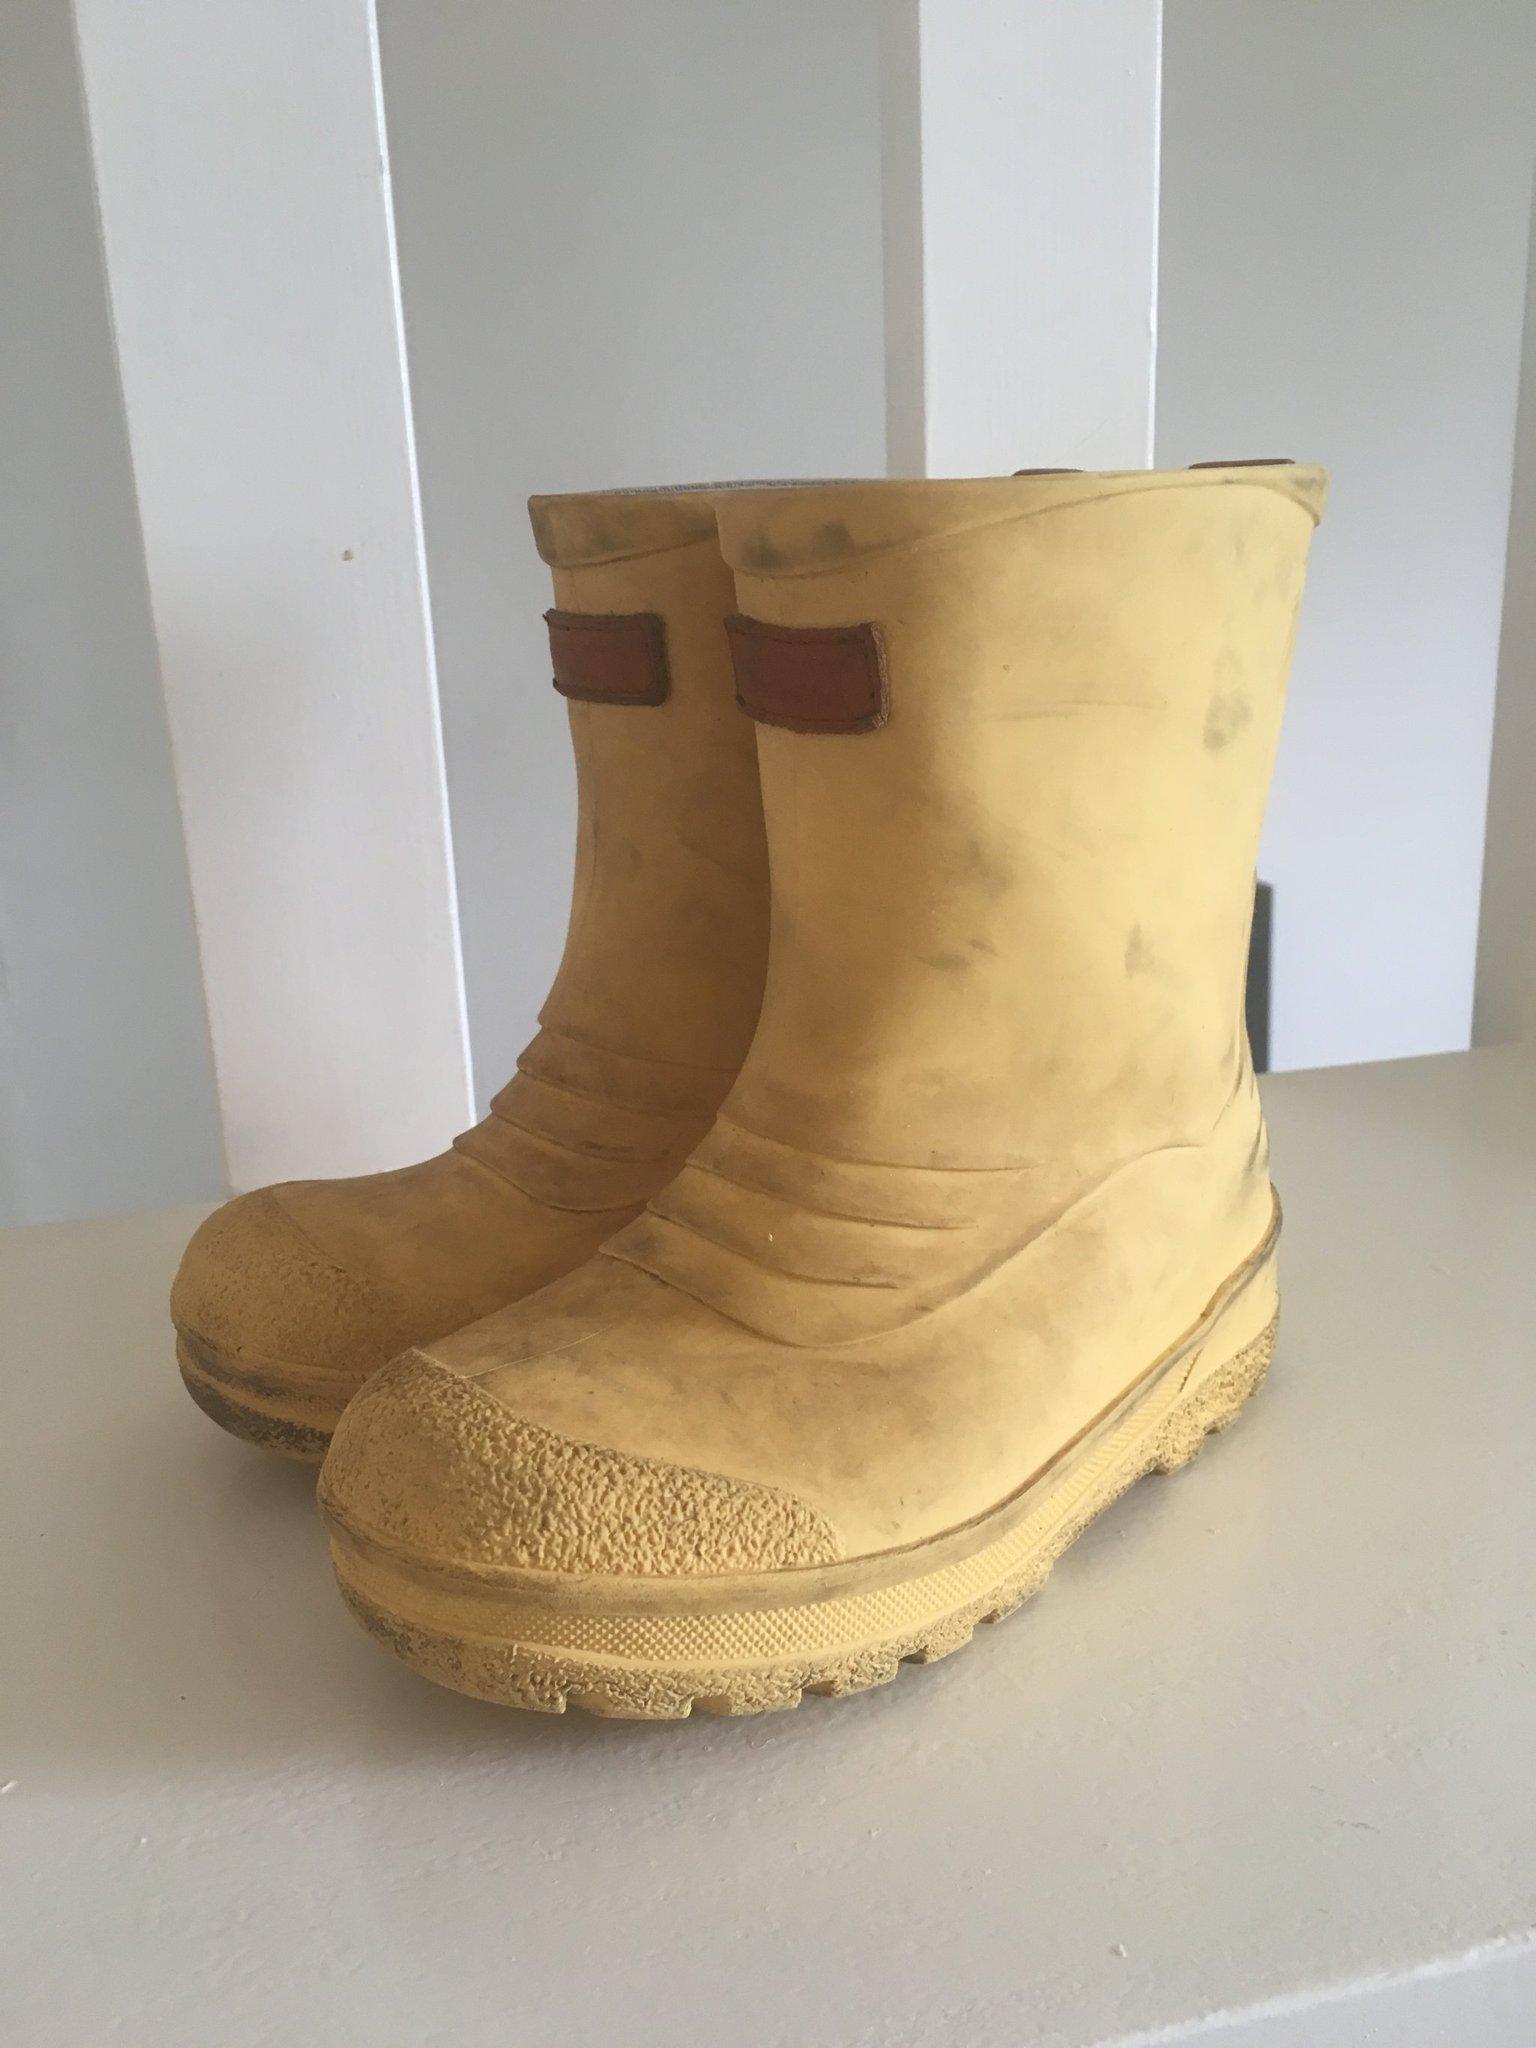 Kavat gula gummistövlar storlek 28 (350976714) ᐈ Köp på Tradera